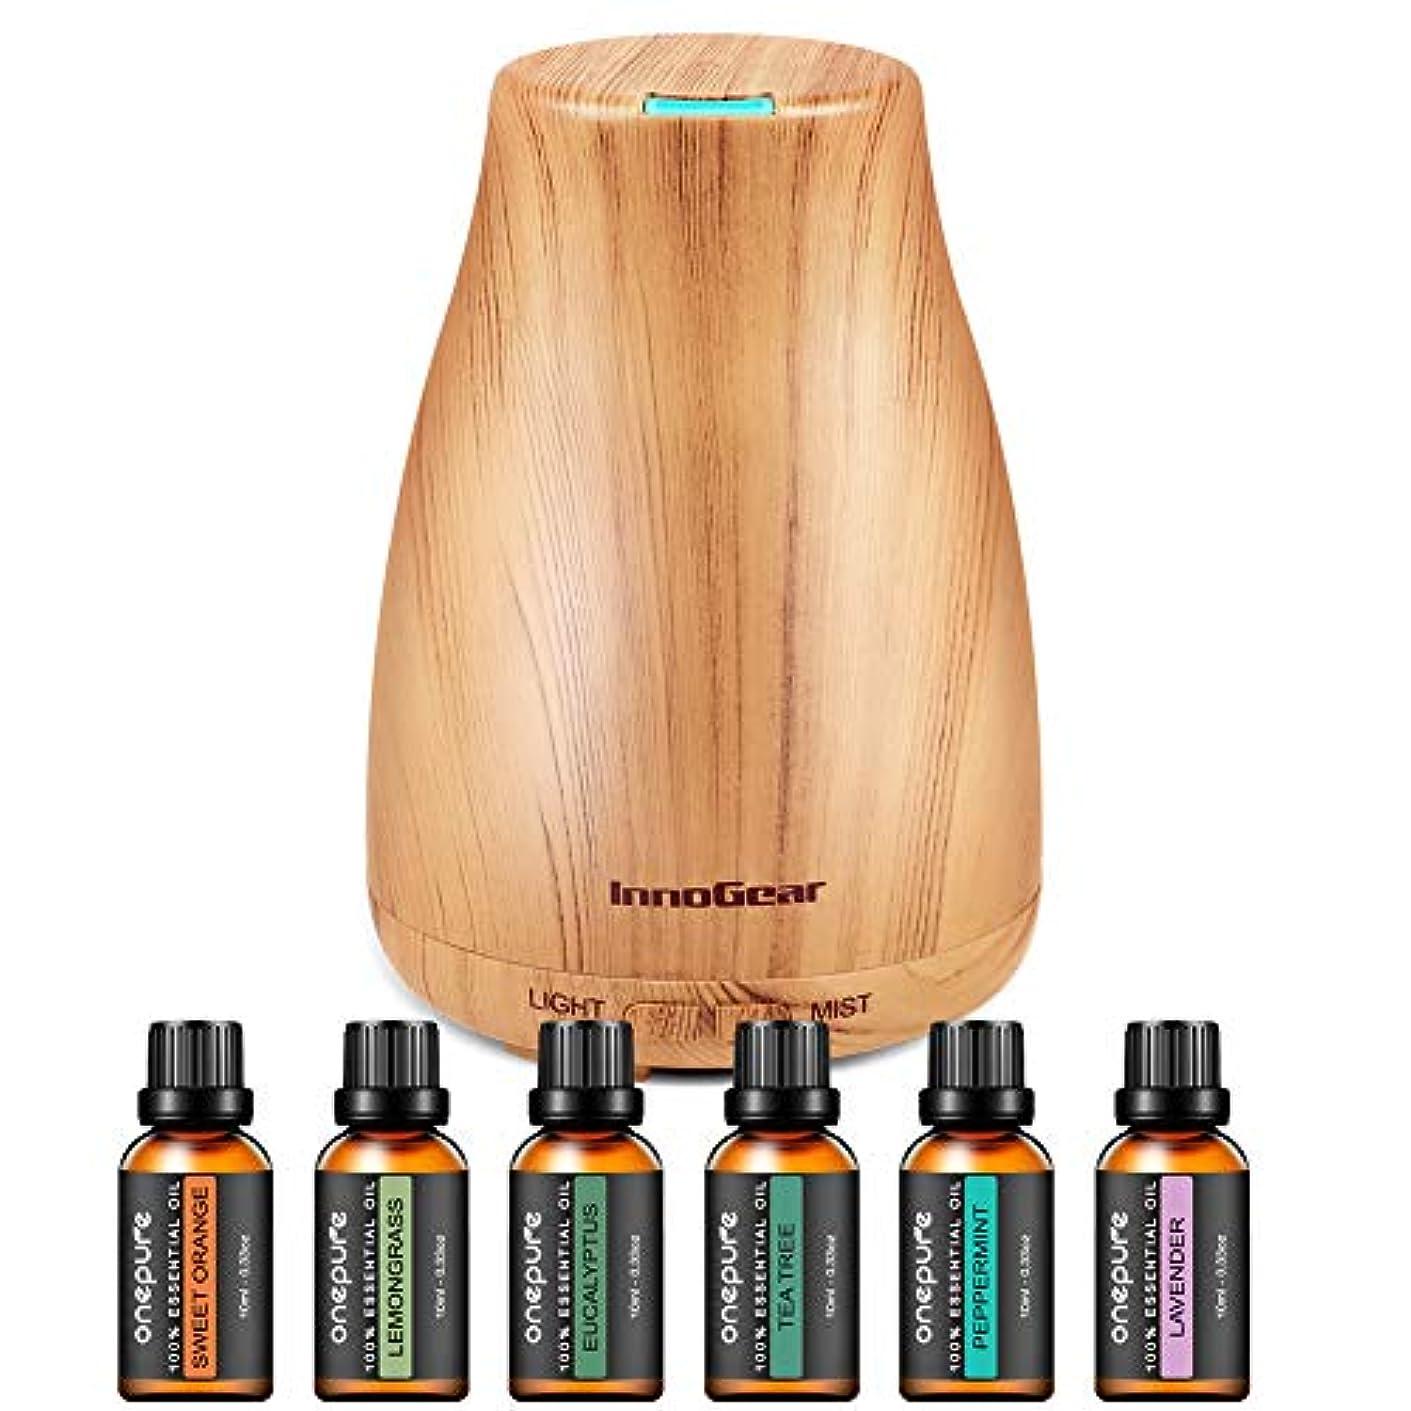 時間自動車威するinnoGear 6本 ボトル100%純粋なエッセンシャルオイルと150ミリリットルアロマディフューザー アップグレードし 7色 ギフトセット 香りクールミスト加湿器 家庭用 変更ライト 導きました イエロー